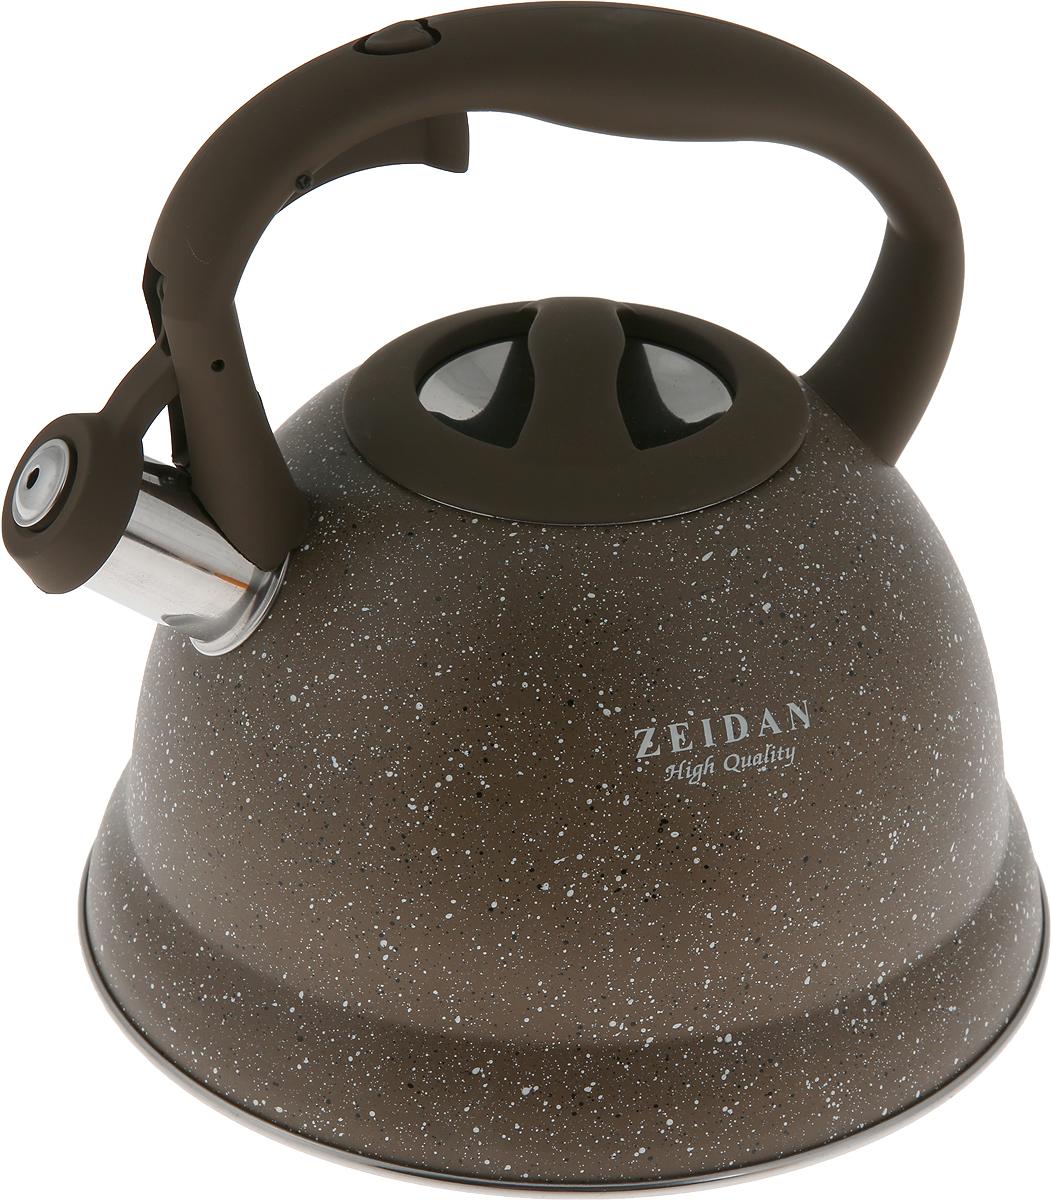 Чайник Zeidan Gravel, со свистком, цвет: коричневый, 3 л чайник со свистком zeidan z 4167